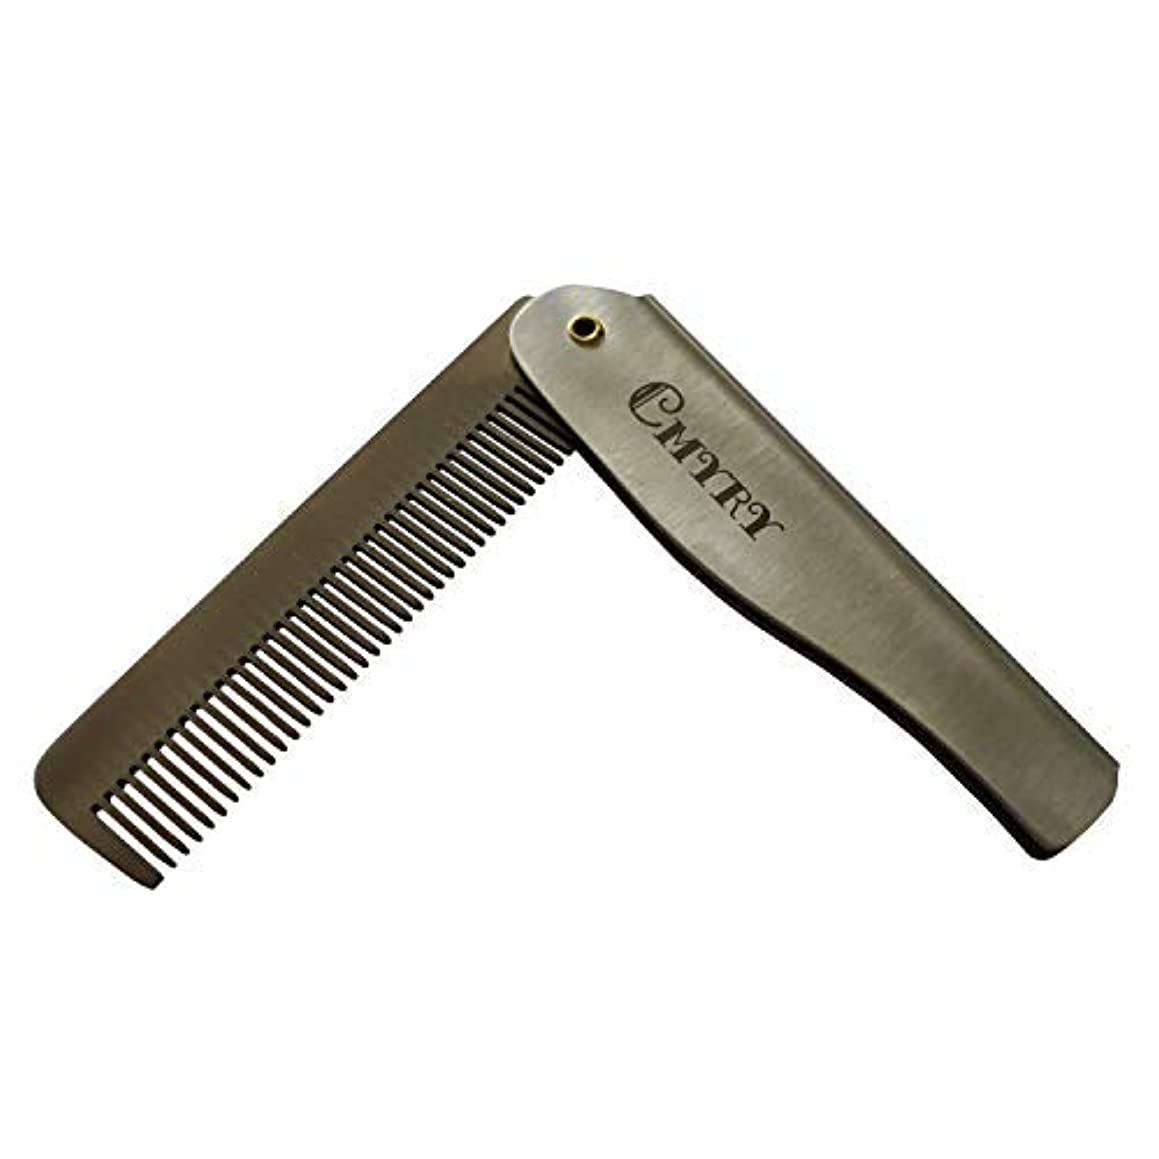 ダメージ経度開示するFolding Beard Hair Pocket Mustaches Pouch Comb Durable Anti-Static Comb for Men [並行輸入品]